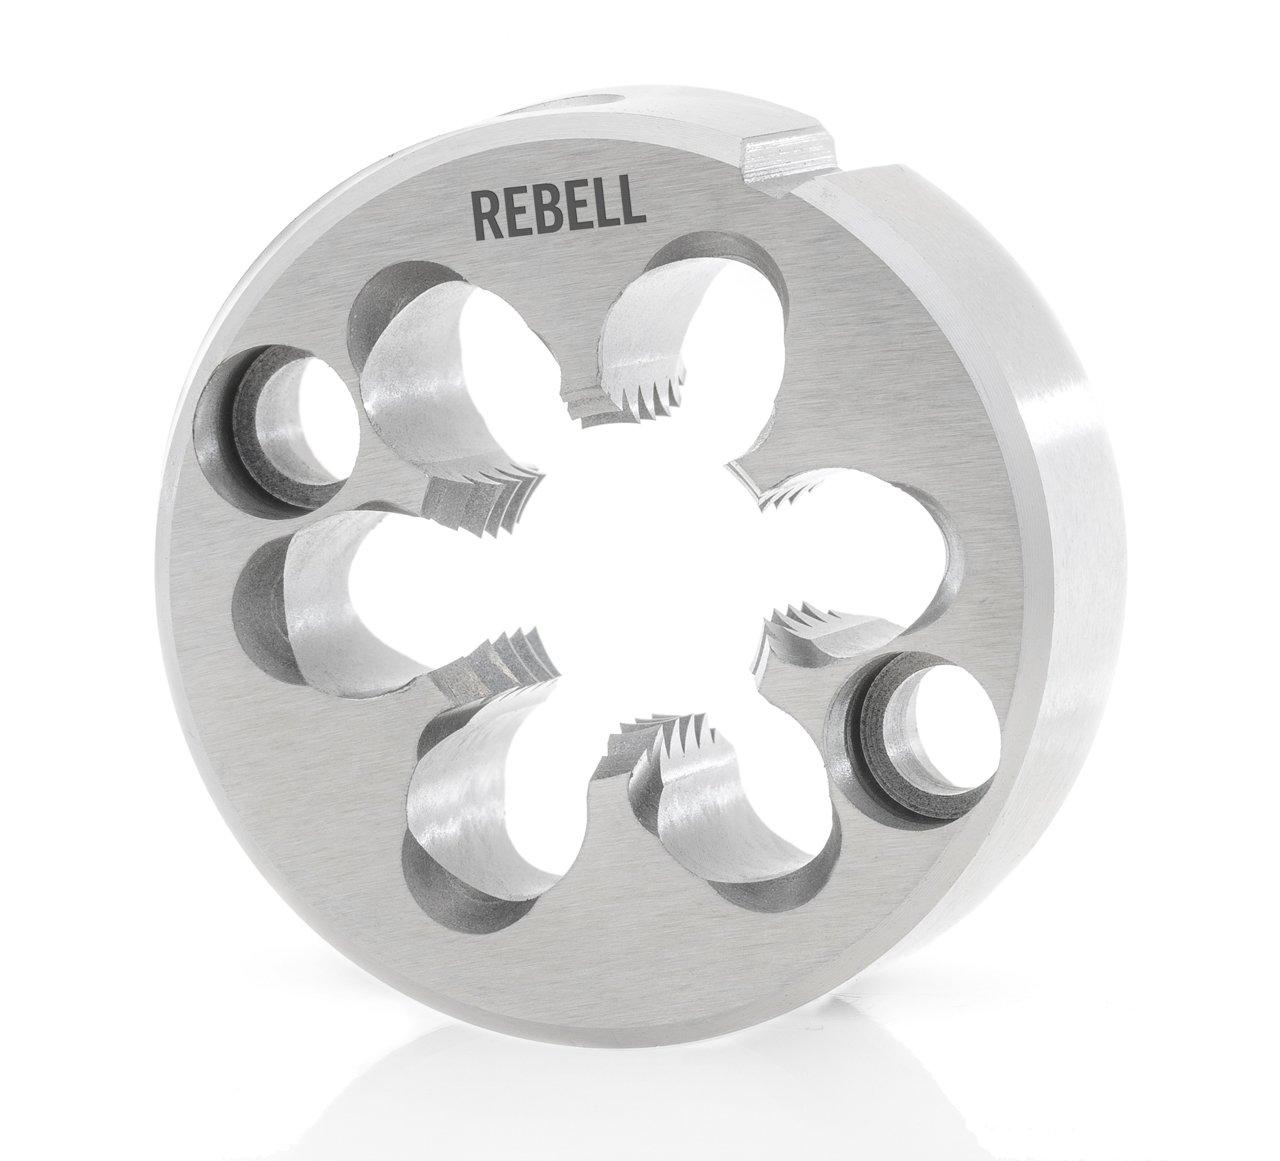 REBELL Automatenschneideisen mit Aufschraublöchern M RH 6h HSS geläppt - Werksnorm - Typ N